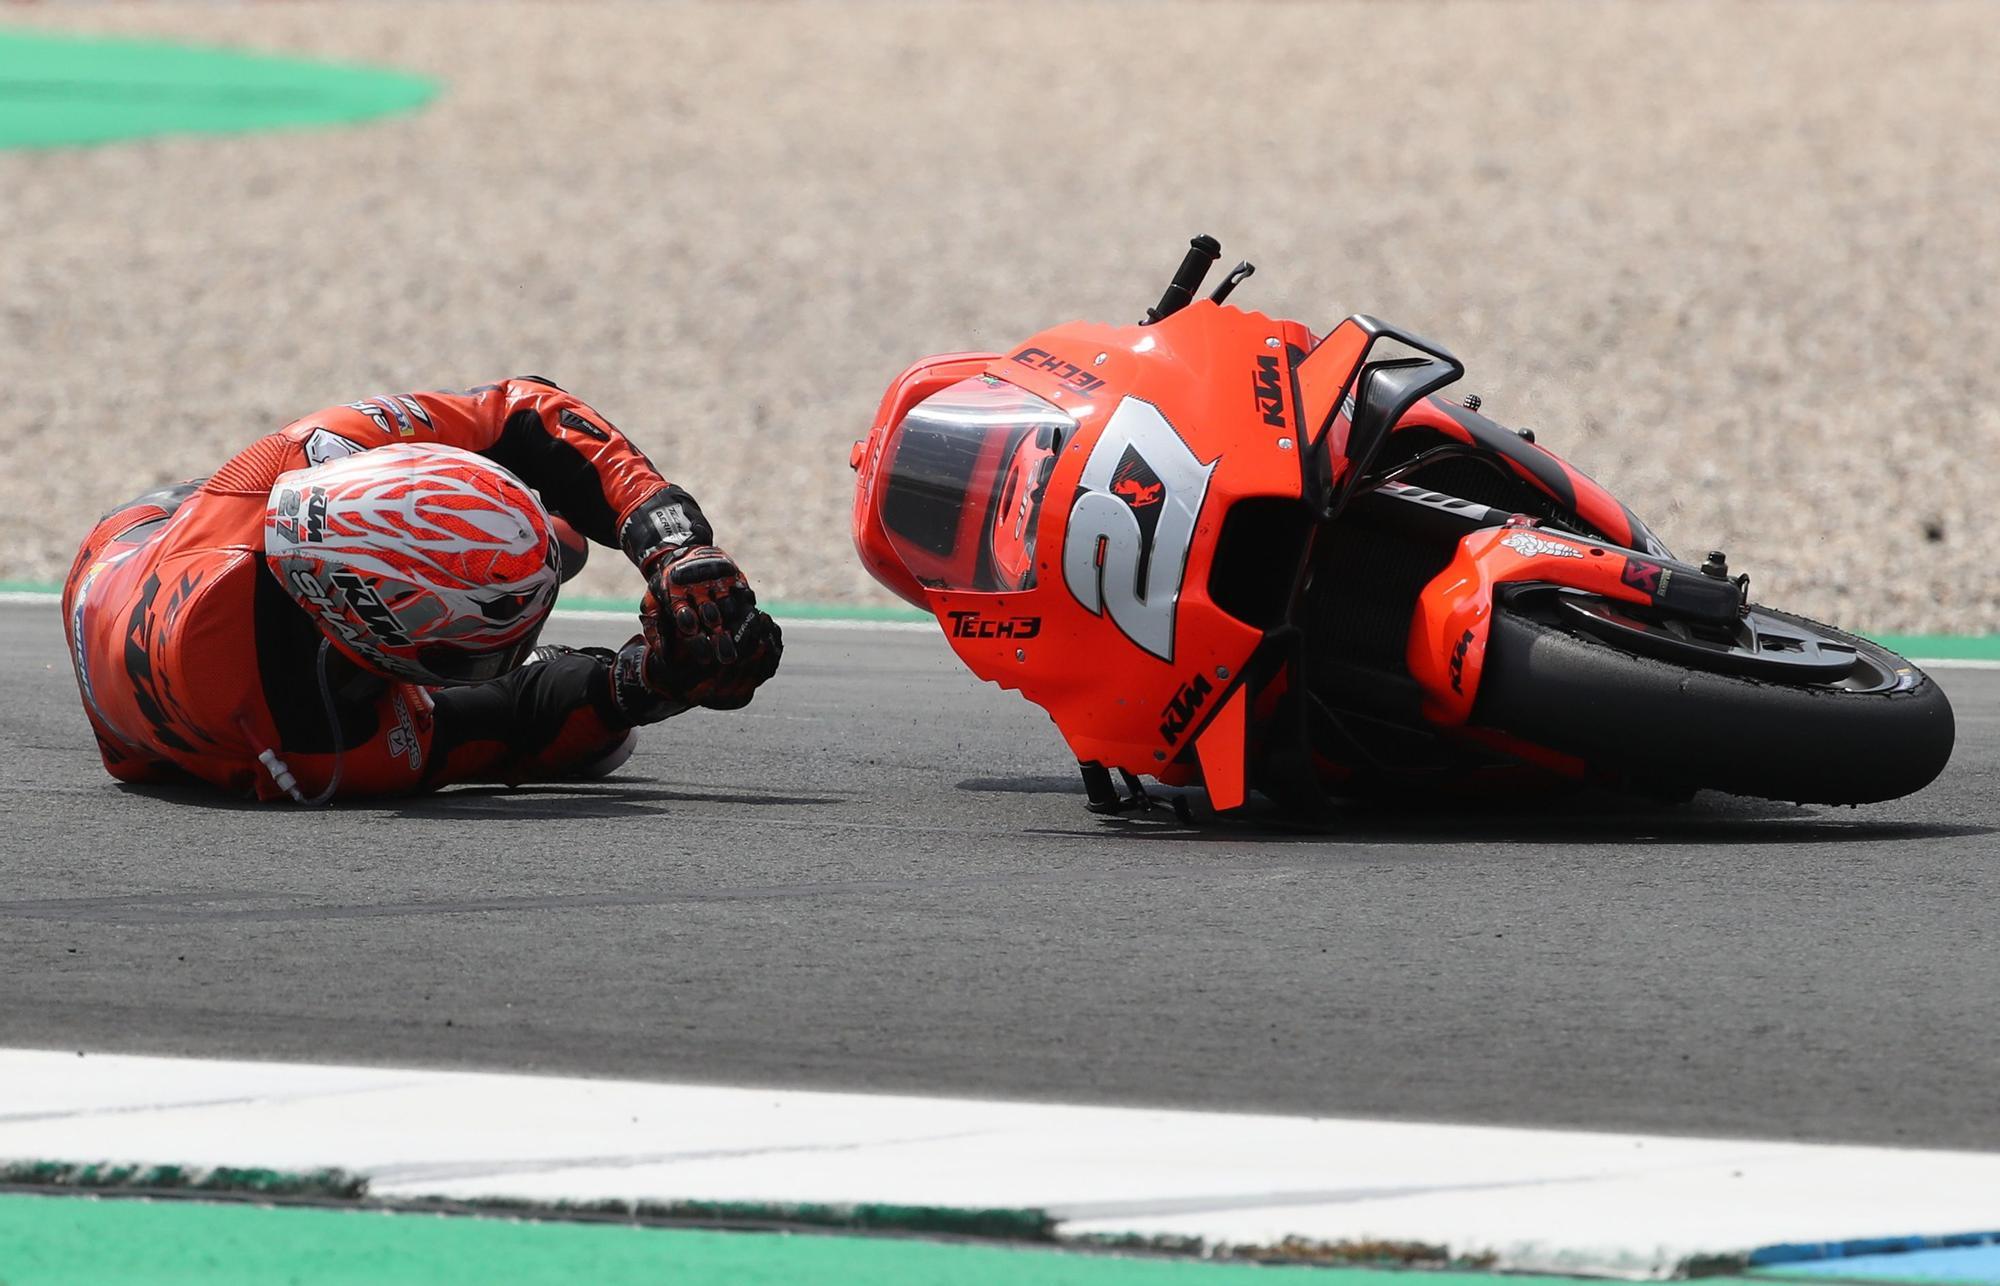 Gran Premio de los Países Bajos de MotoGP